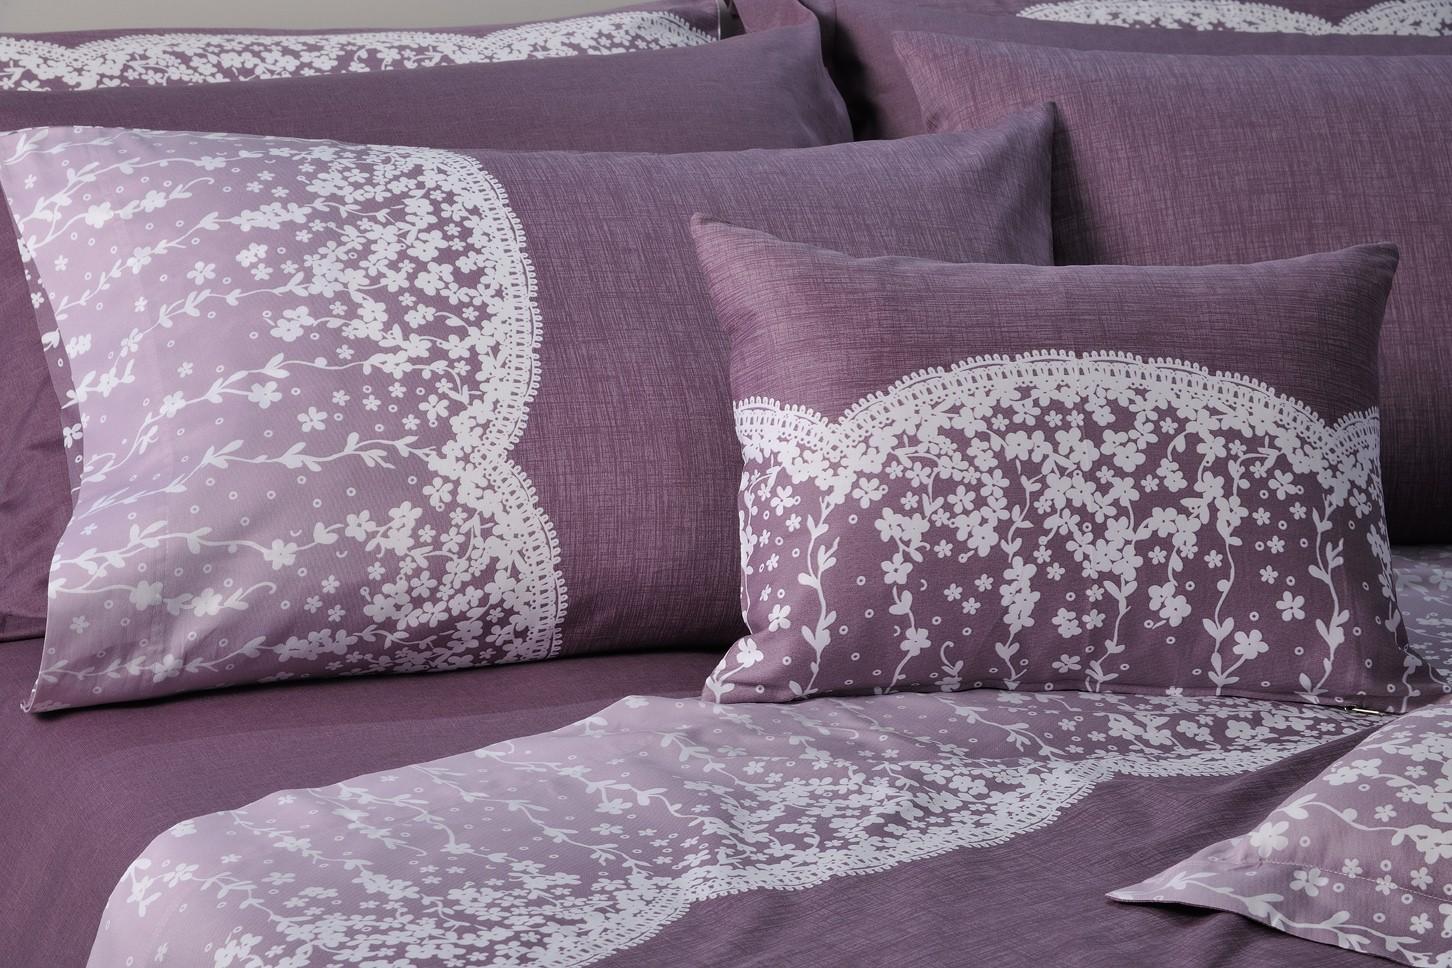 Παπλωματοθήκη Μονή (Σετ) Down Town Lace Purple Primo S 622